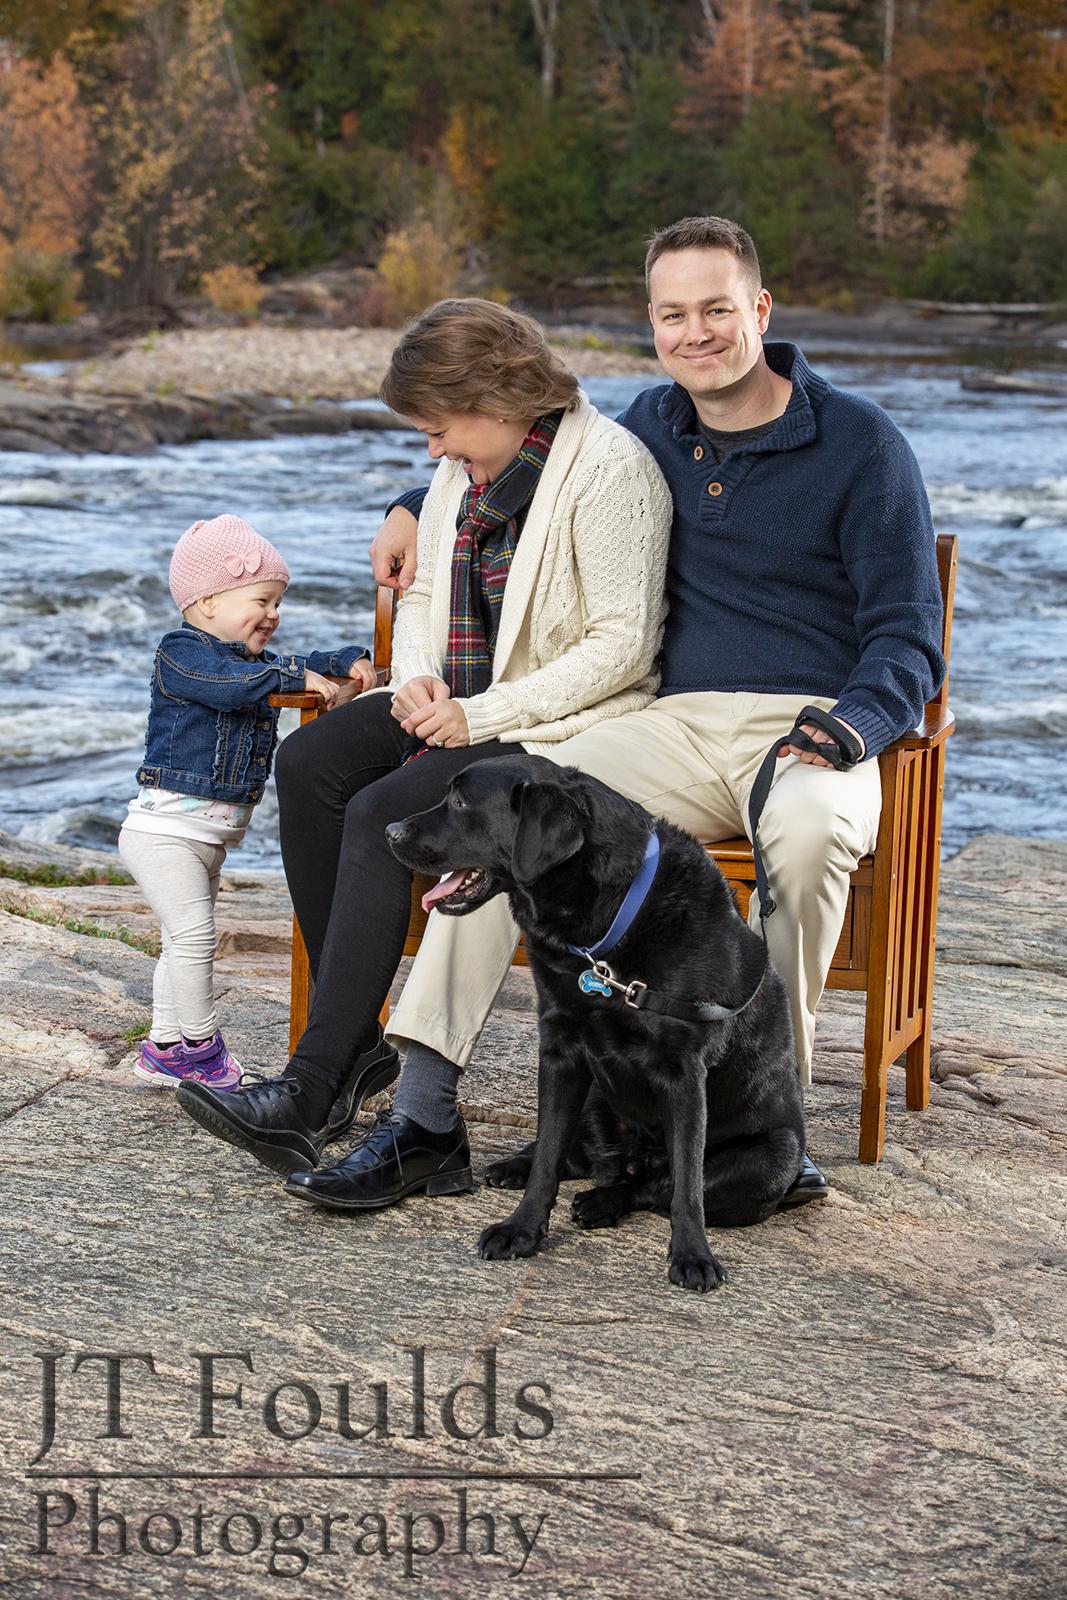 Adach Fall Family Shoot - Centenial Park - 13 OCT '18 - 011.jpg